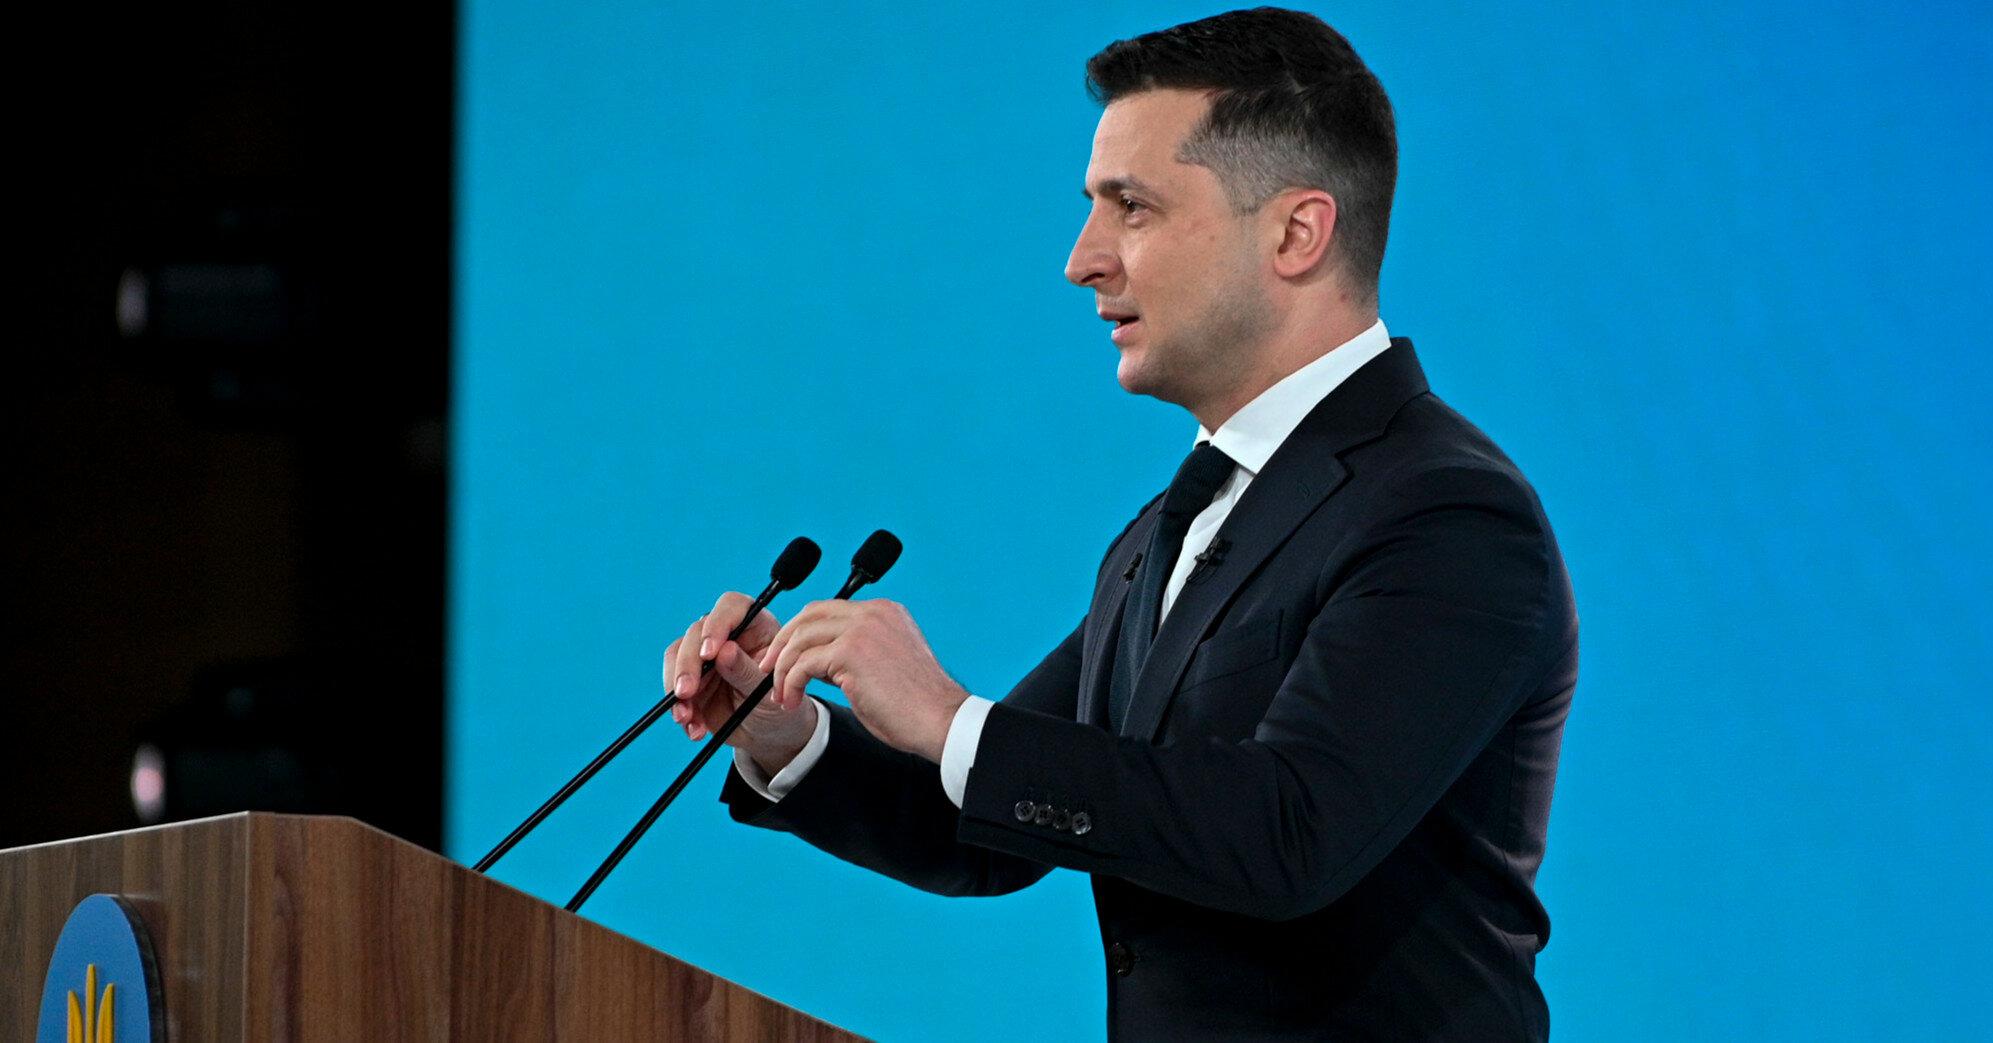 Зеленский выразил надежду, что НАТО рассмотрит шаги по сдерживанию агрессии РФ